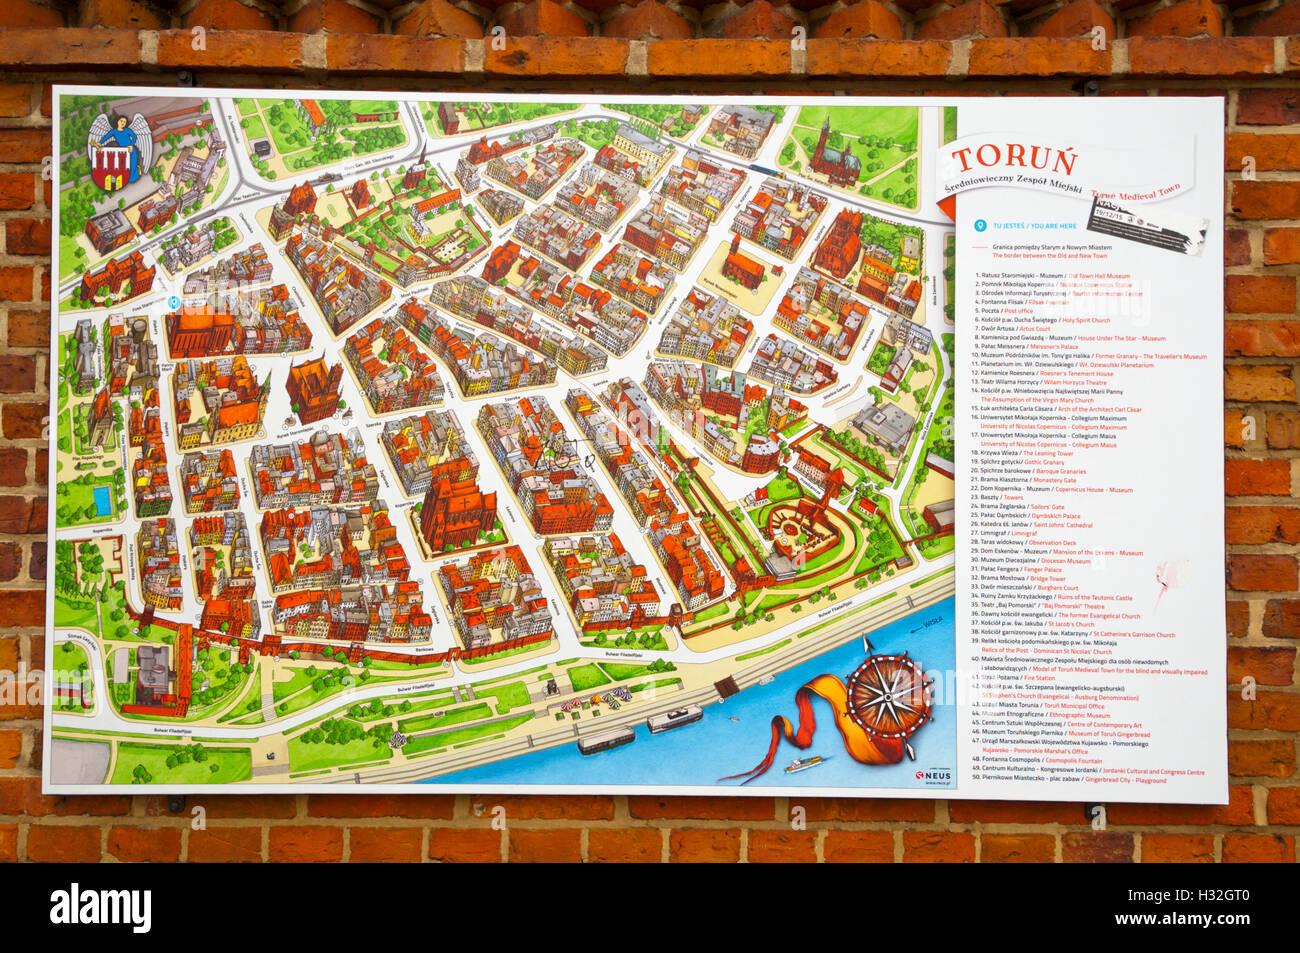 Map of old town Torun Pomerania Poland Stock Photo 122373664 Alamy